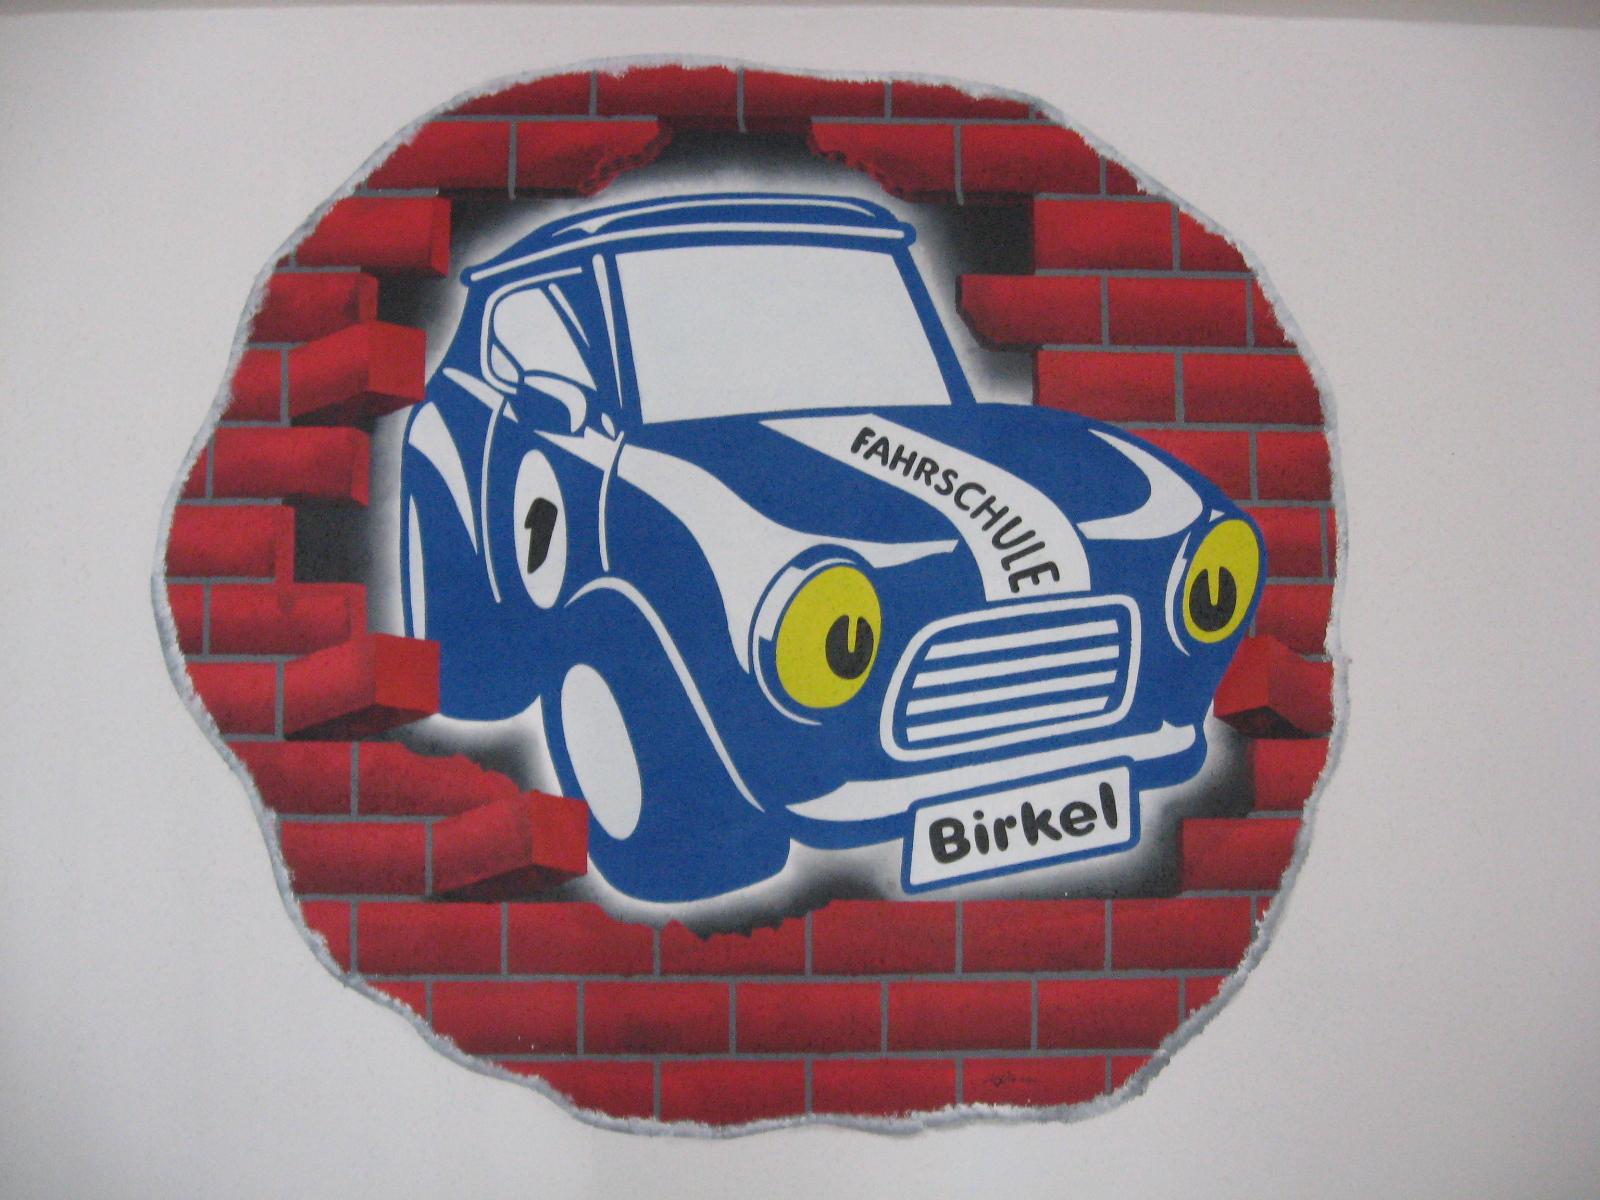 Fahrschule Birkel